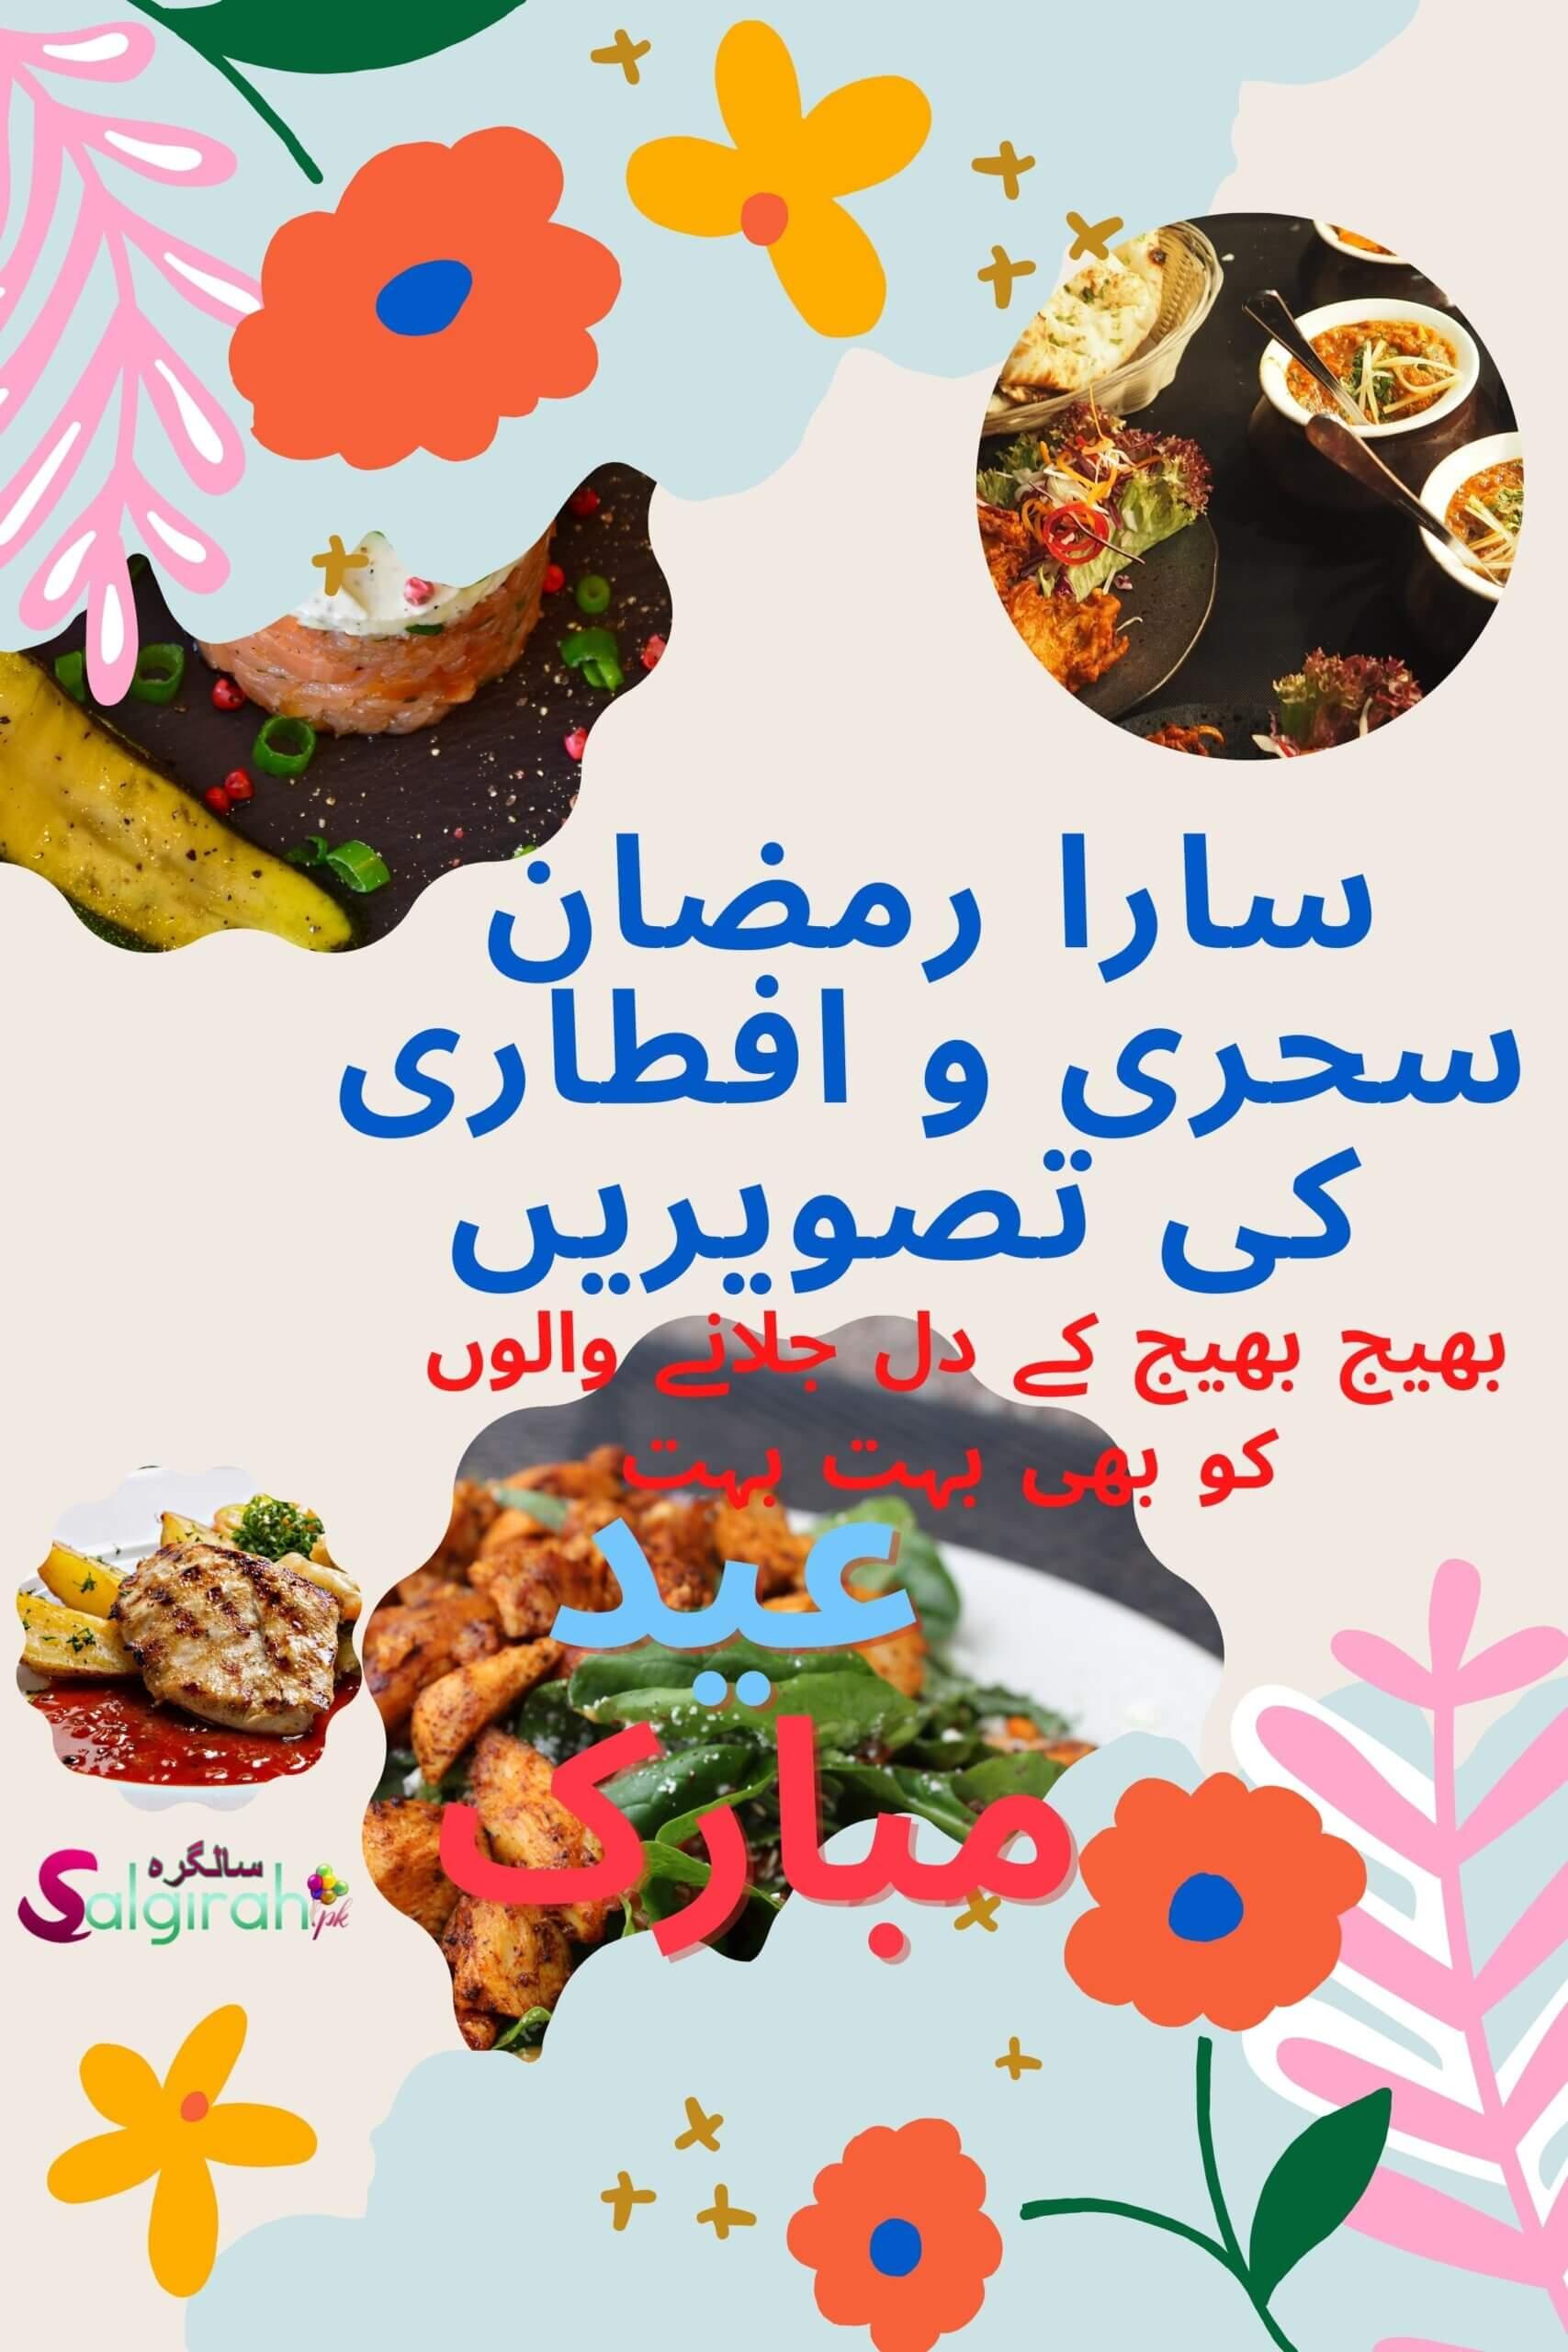 سارا رمضان سحری و افطاری کی تصویریں بھیج بھیج کے دل جلانے والوں کو بھی بہت بہت عید مبارک